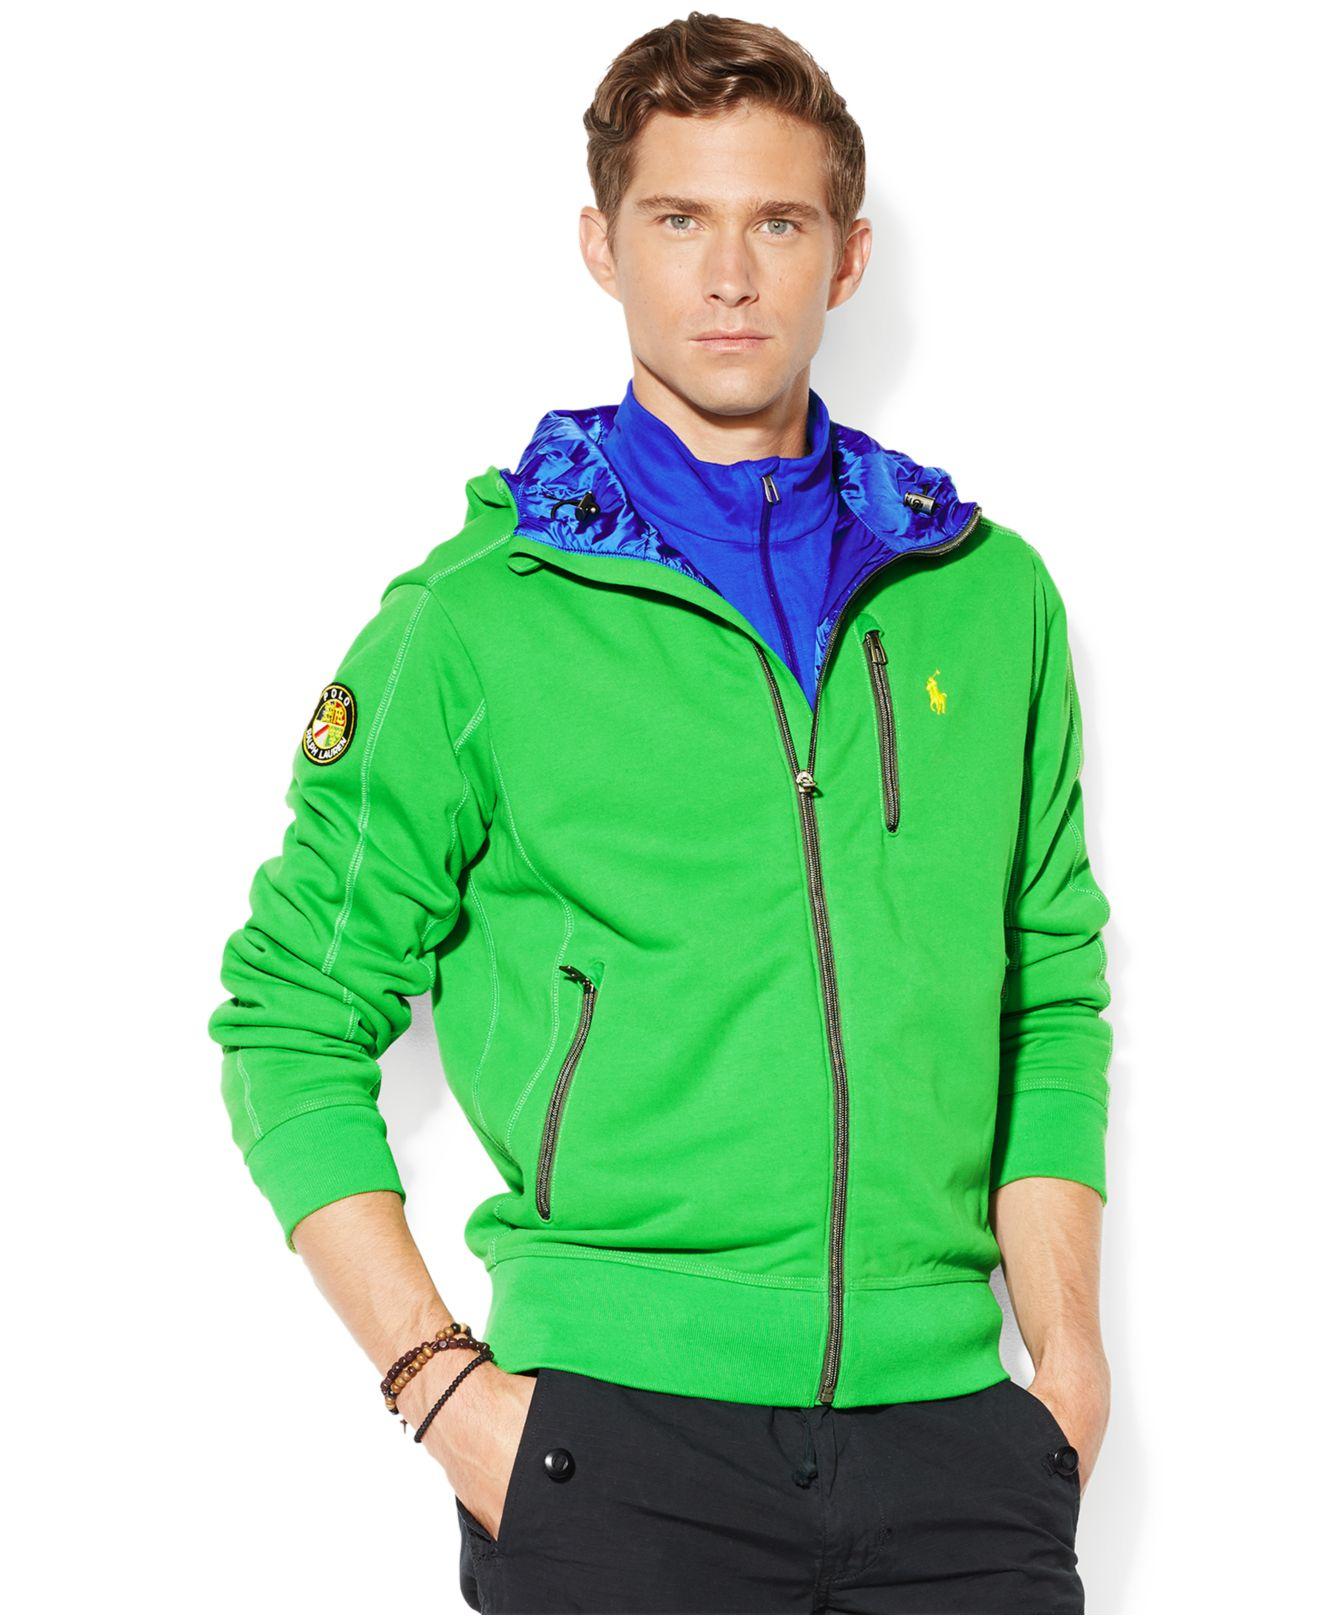 polo ralph lauren fleece contrast hoodie in green for men vivid green. Black Bedroom Furniture Sets. Home Design Ideas